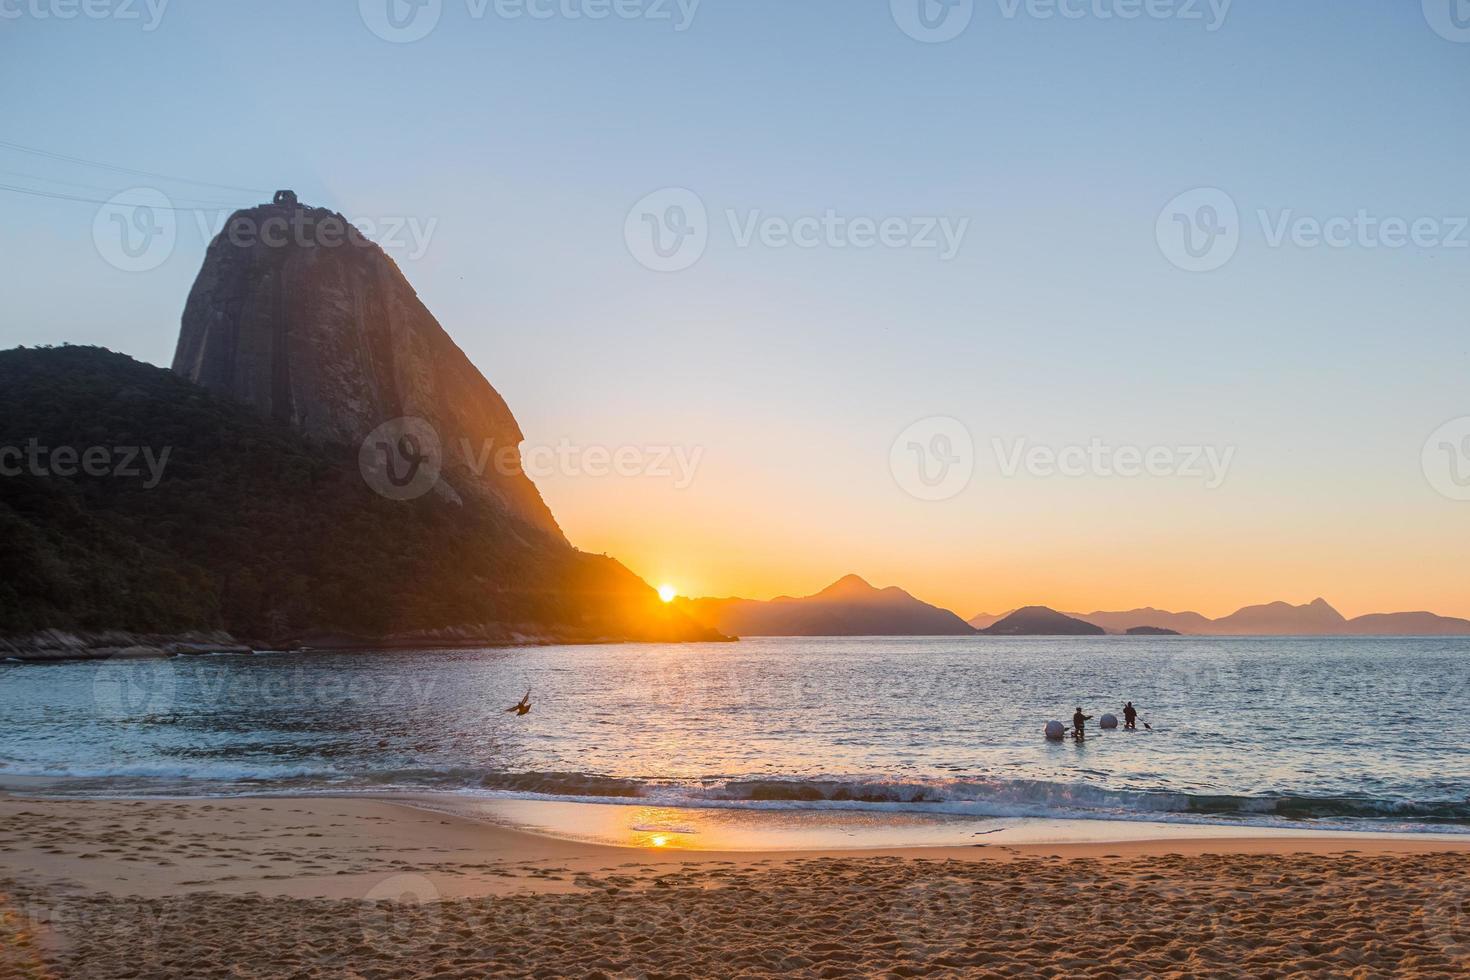 lever de soleil sur la plage rouge du quartier urca photo